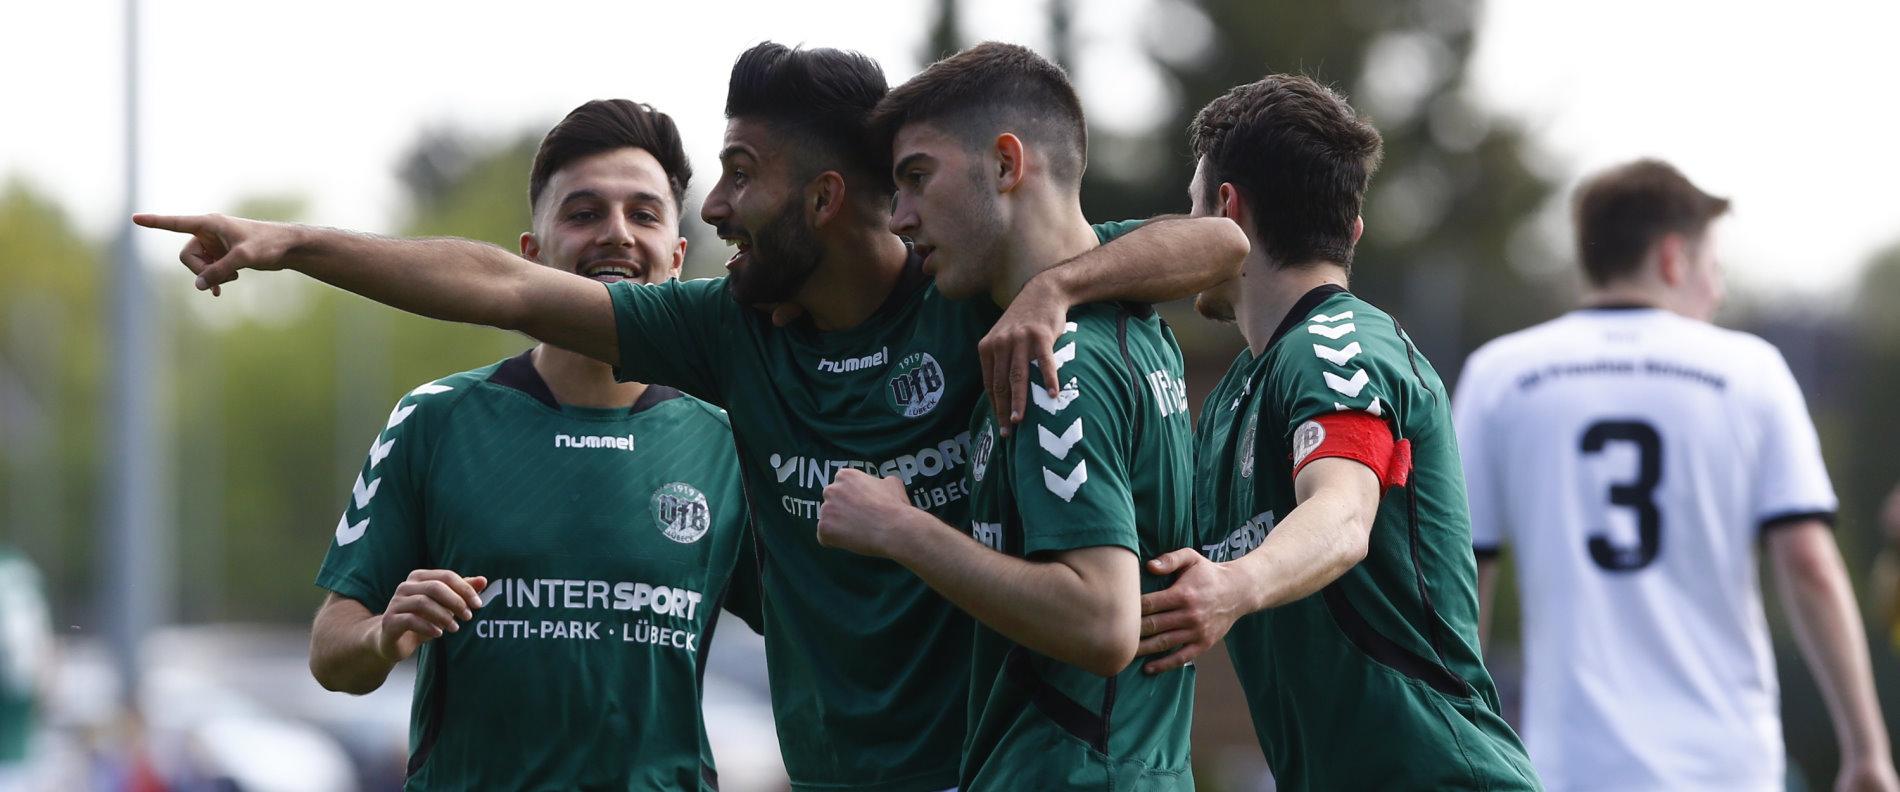 Freude / Jubel / Torjubel nach dem 2:0 durch A. Abou Rashed (VfB Lübeck II zweiter von Rechts)